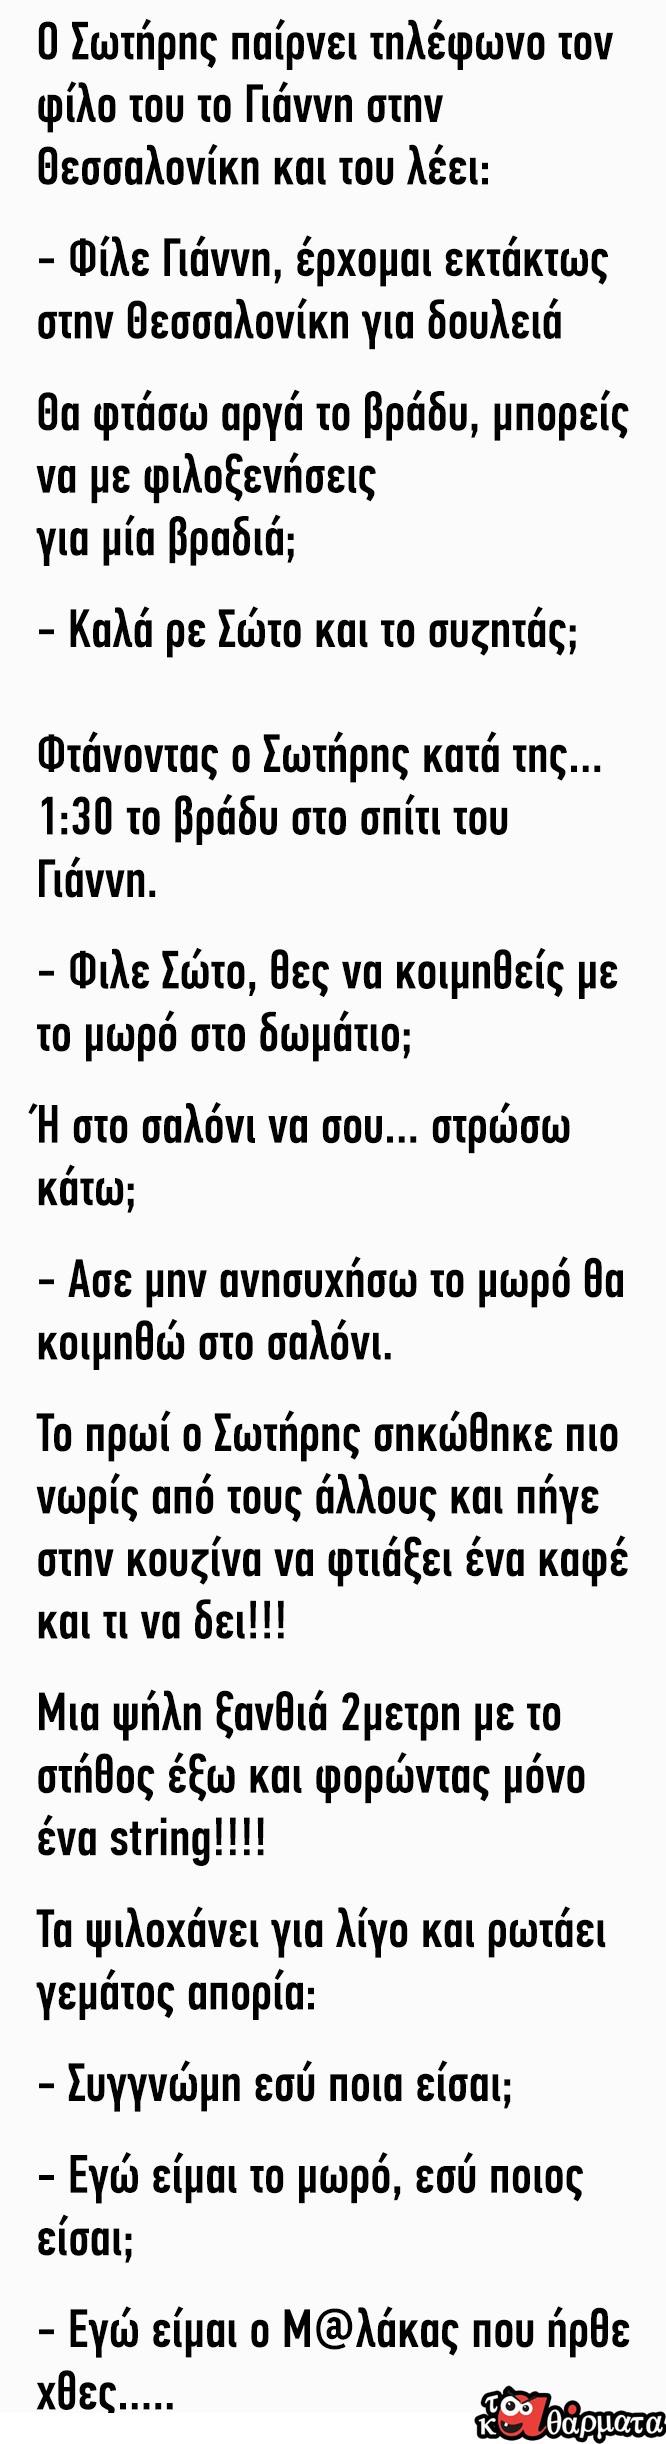 Πετυχημένο! Ο Σωτήρης παίρνει τηλέφωνο τον φίλο του το Γιάννη στην Θεσσαλονίκη